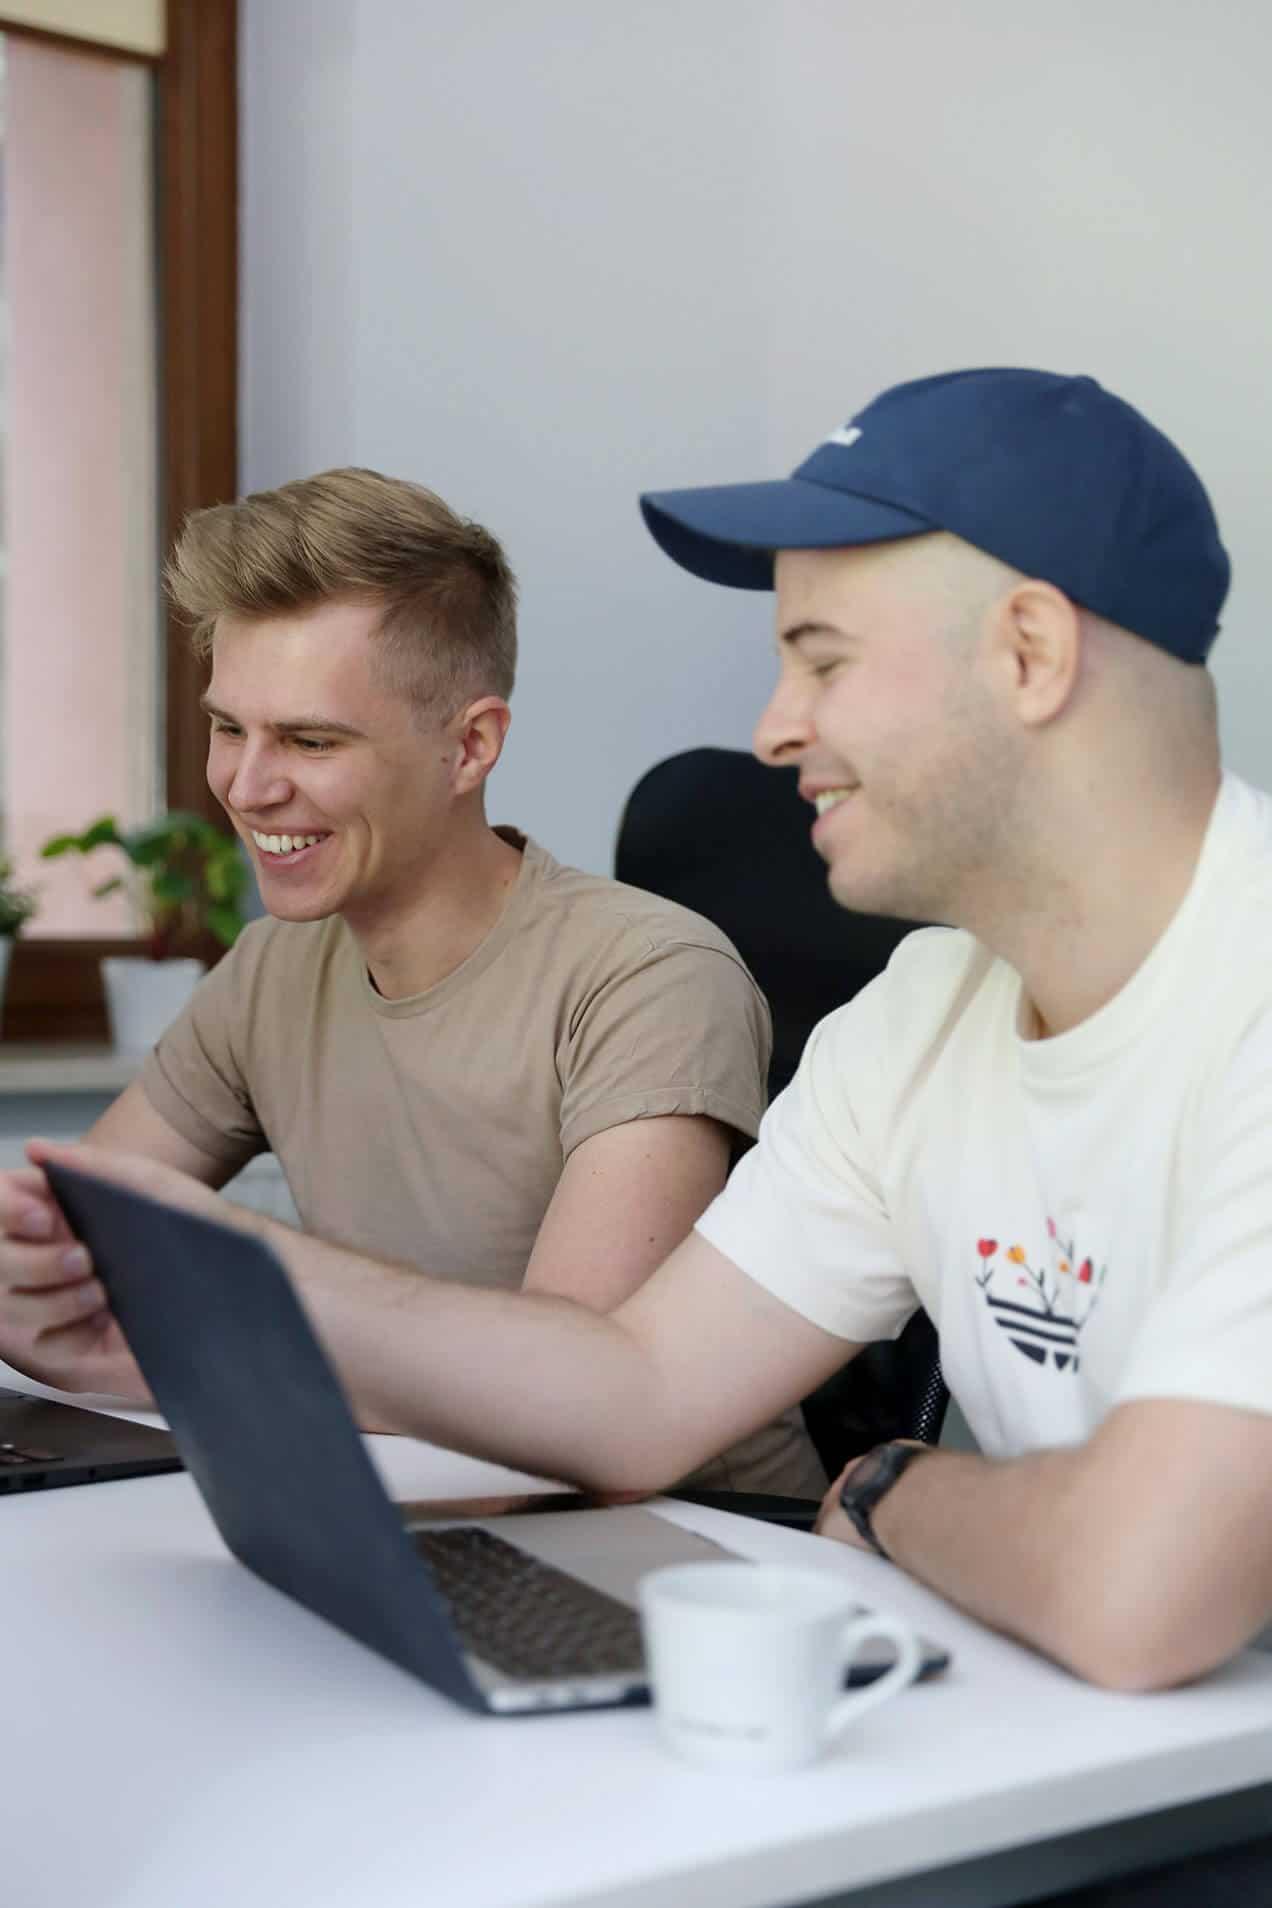 Kuba i Filip śmieją się przy pracy - Kiwwwi - tworzenie stron WWW